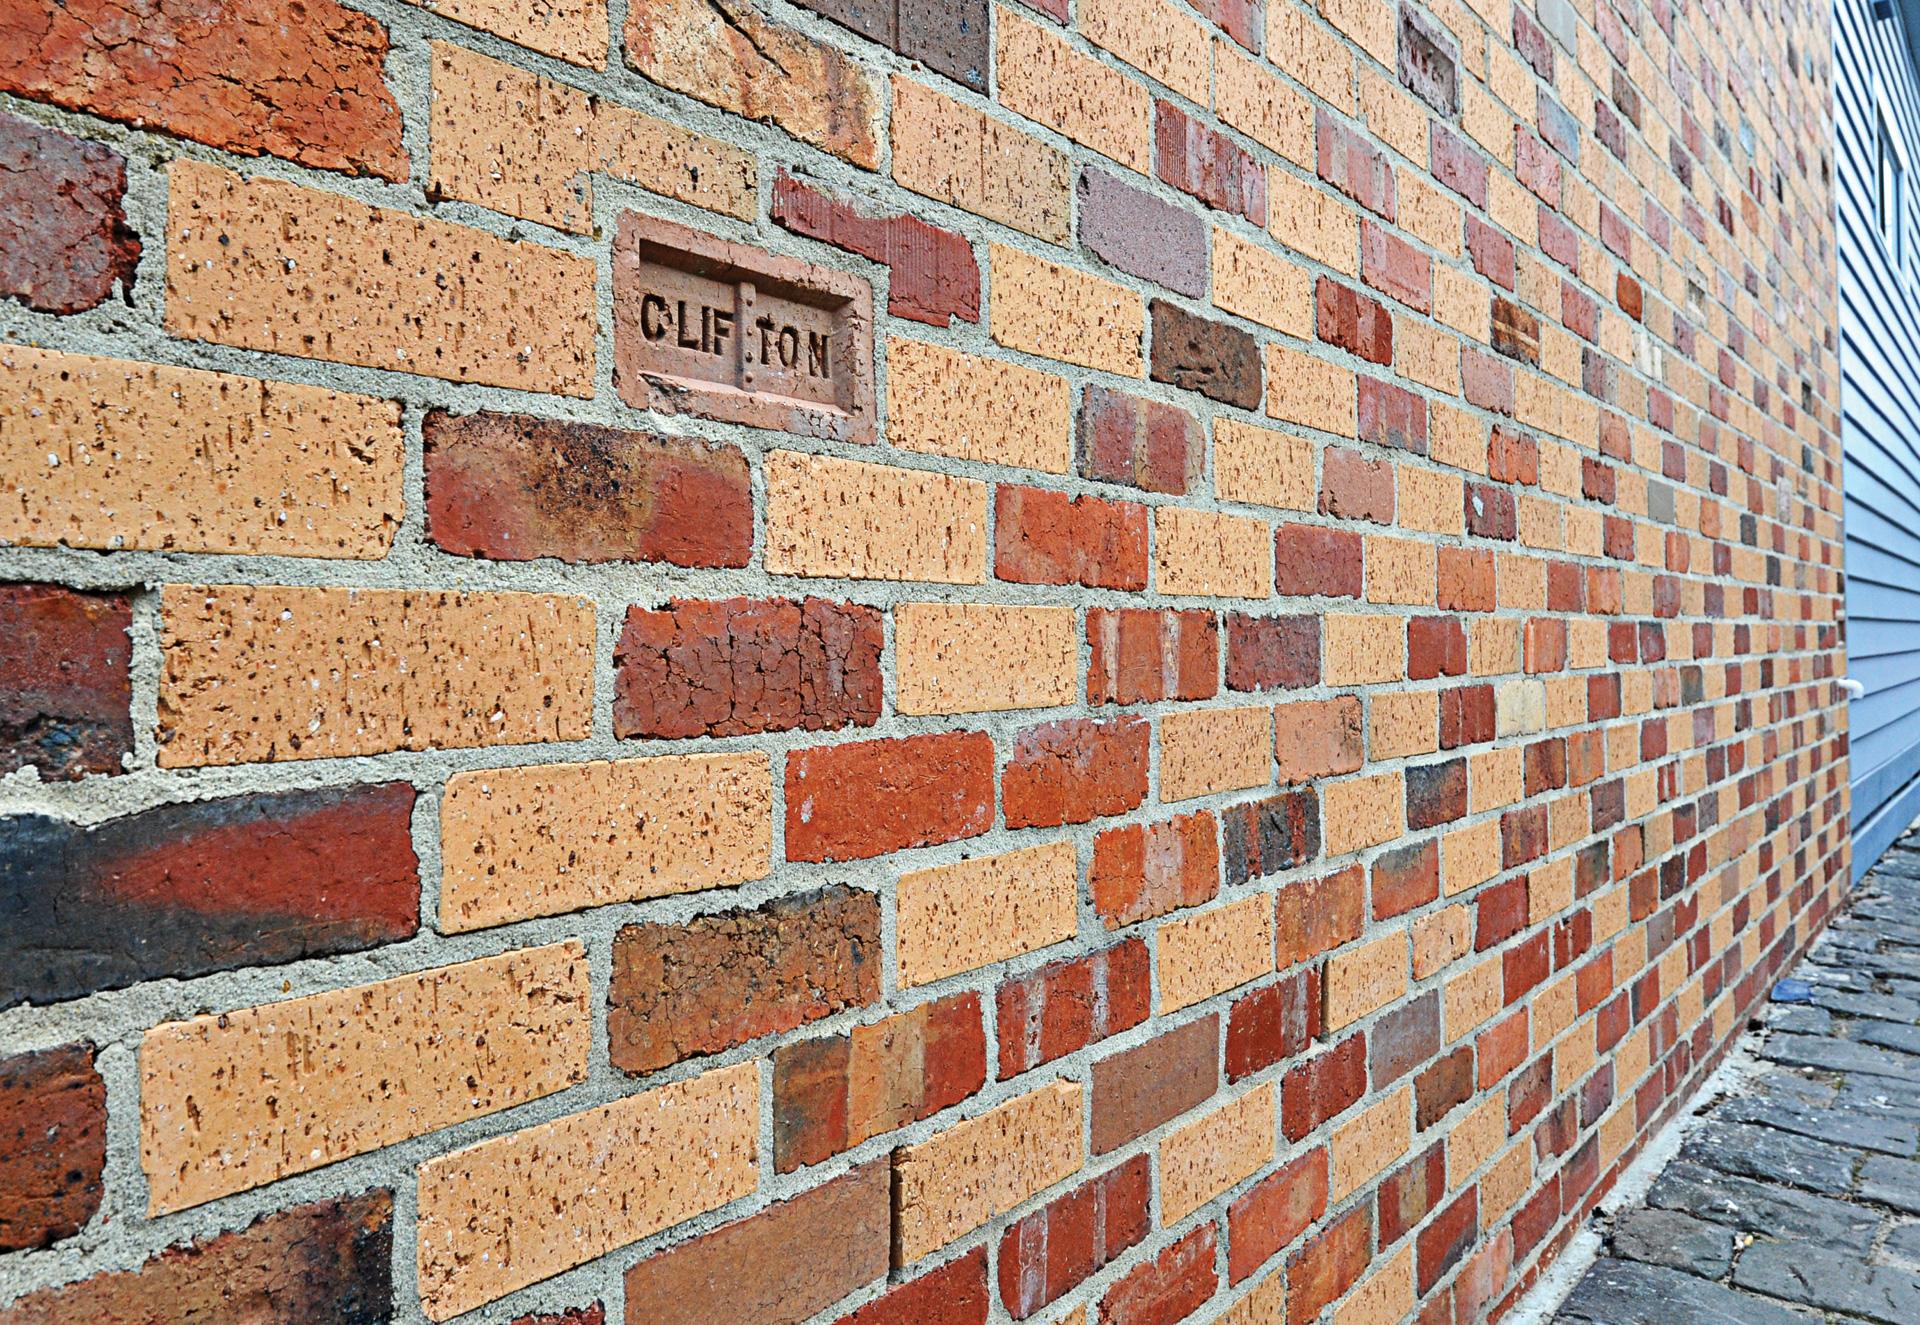 ecobuilt-clifton-hill-bricks